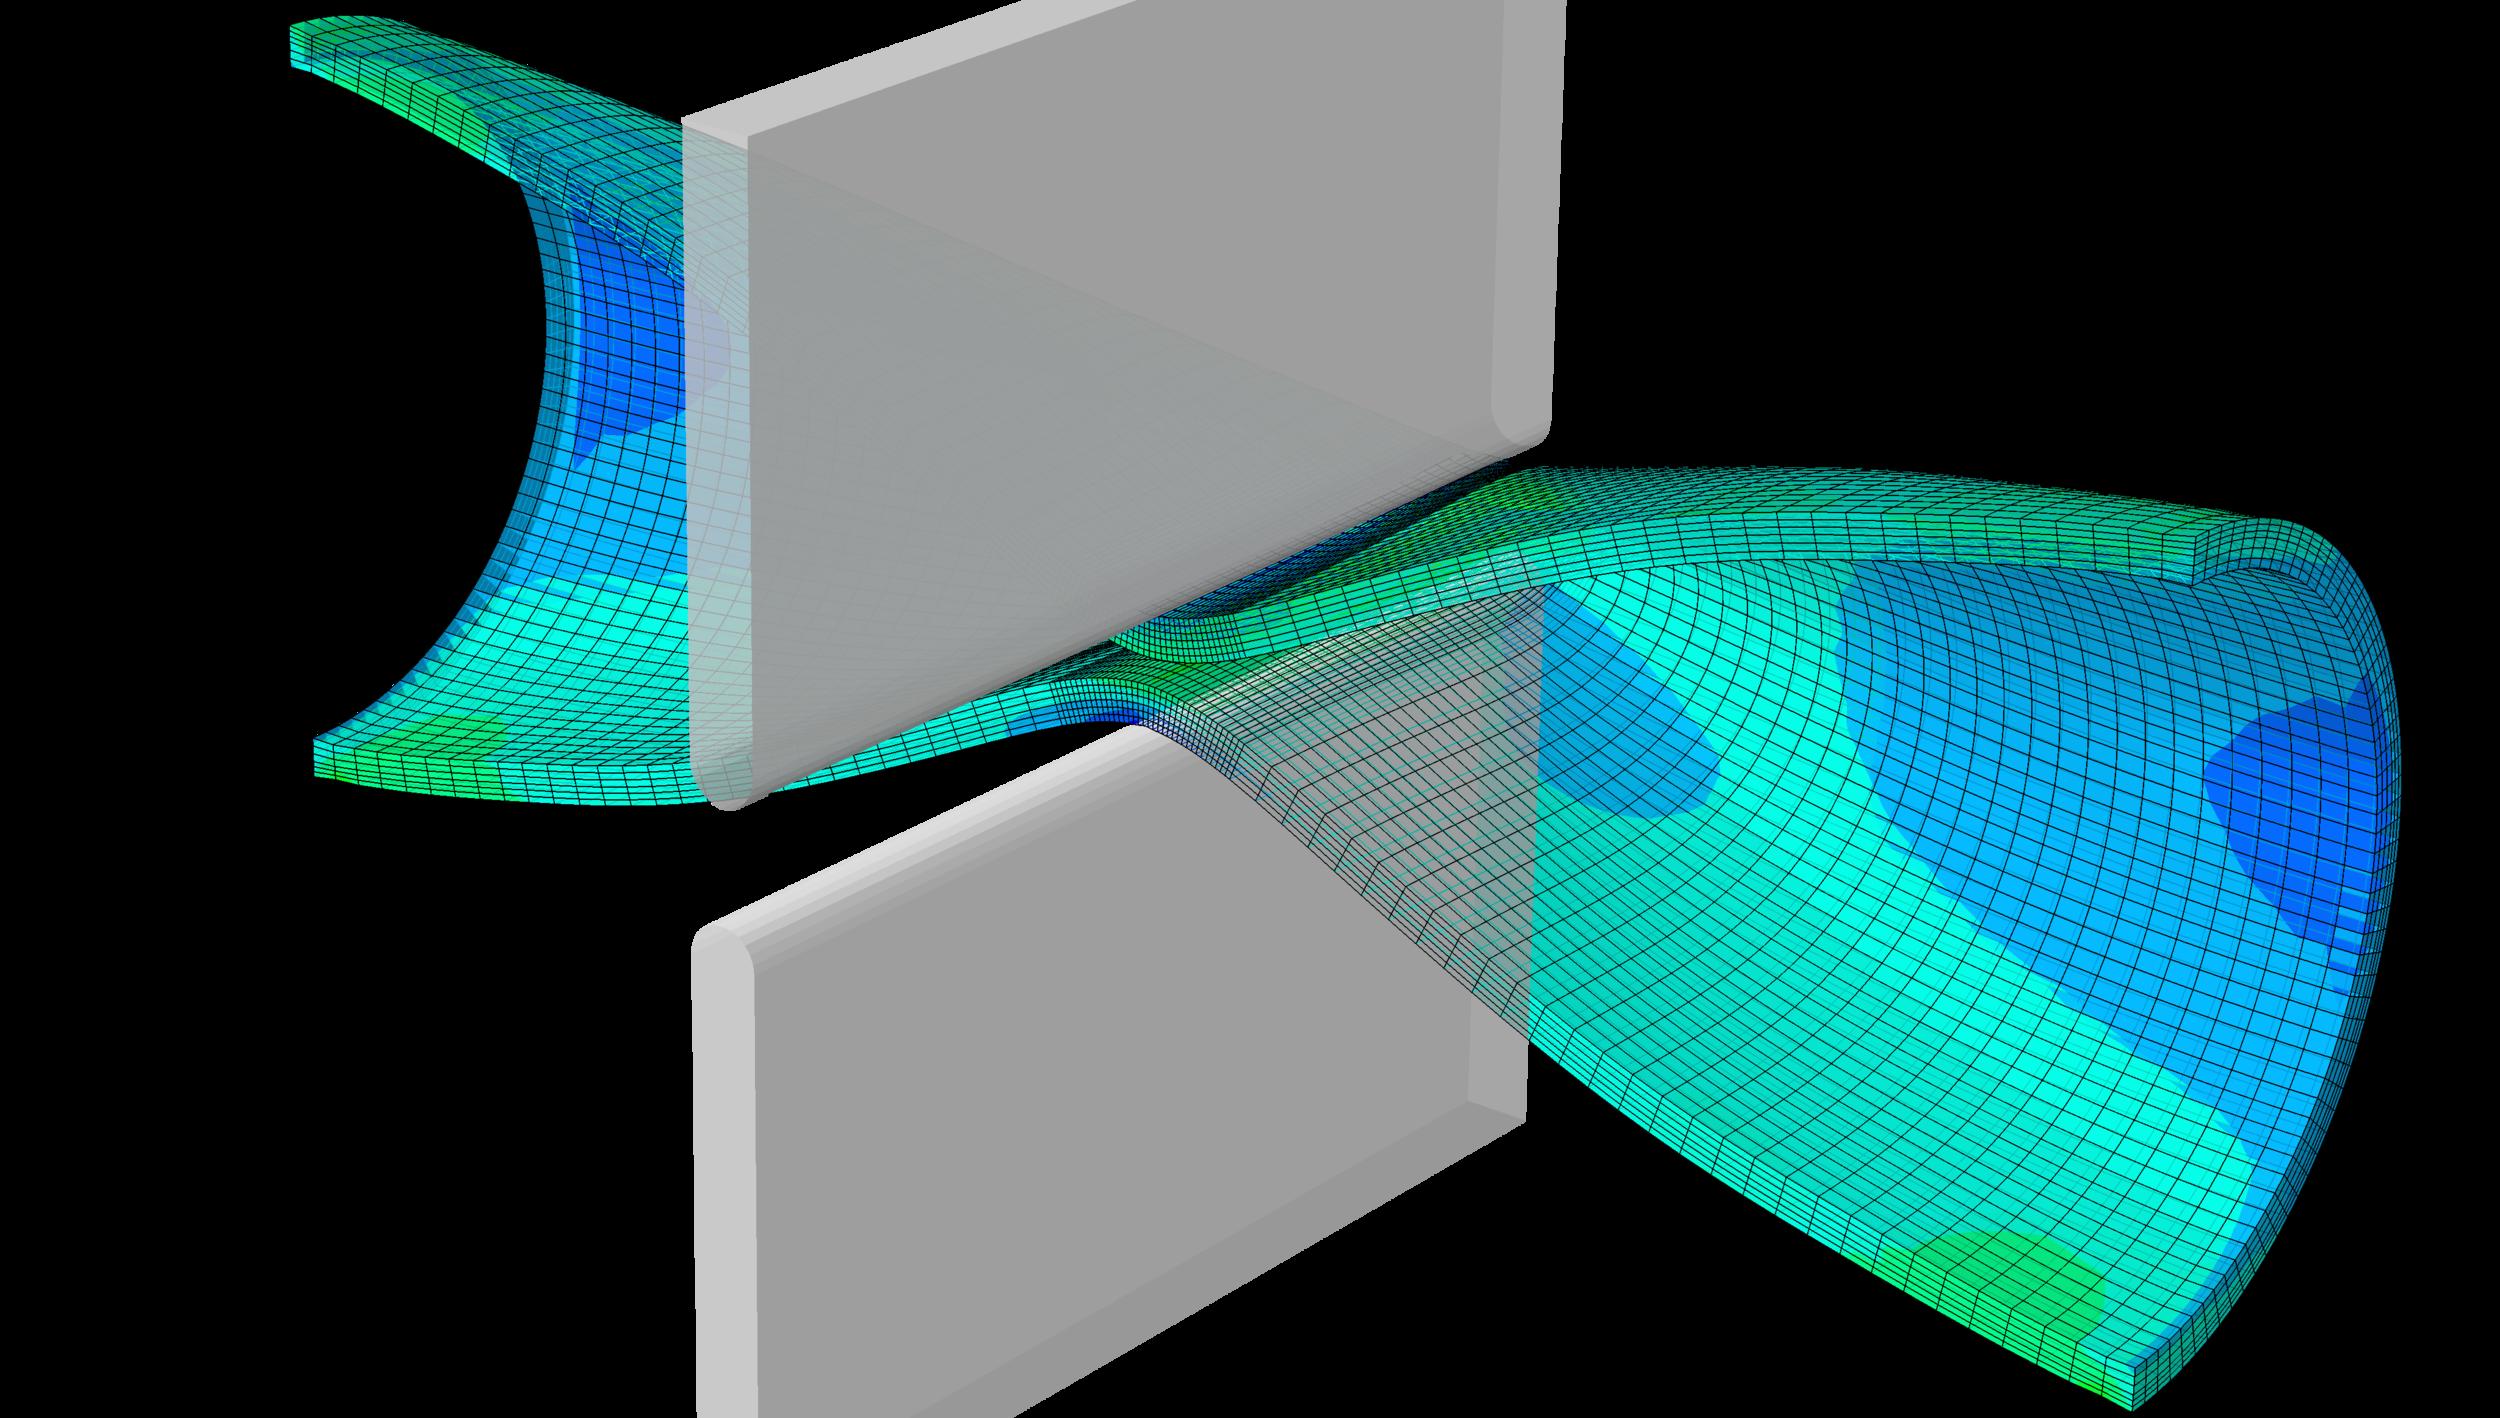 PinchValve-Deformed (2).png